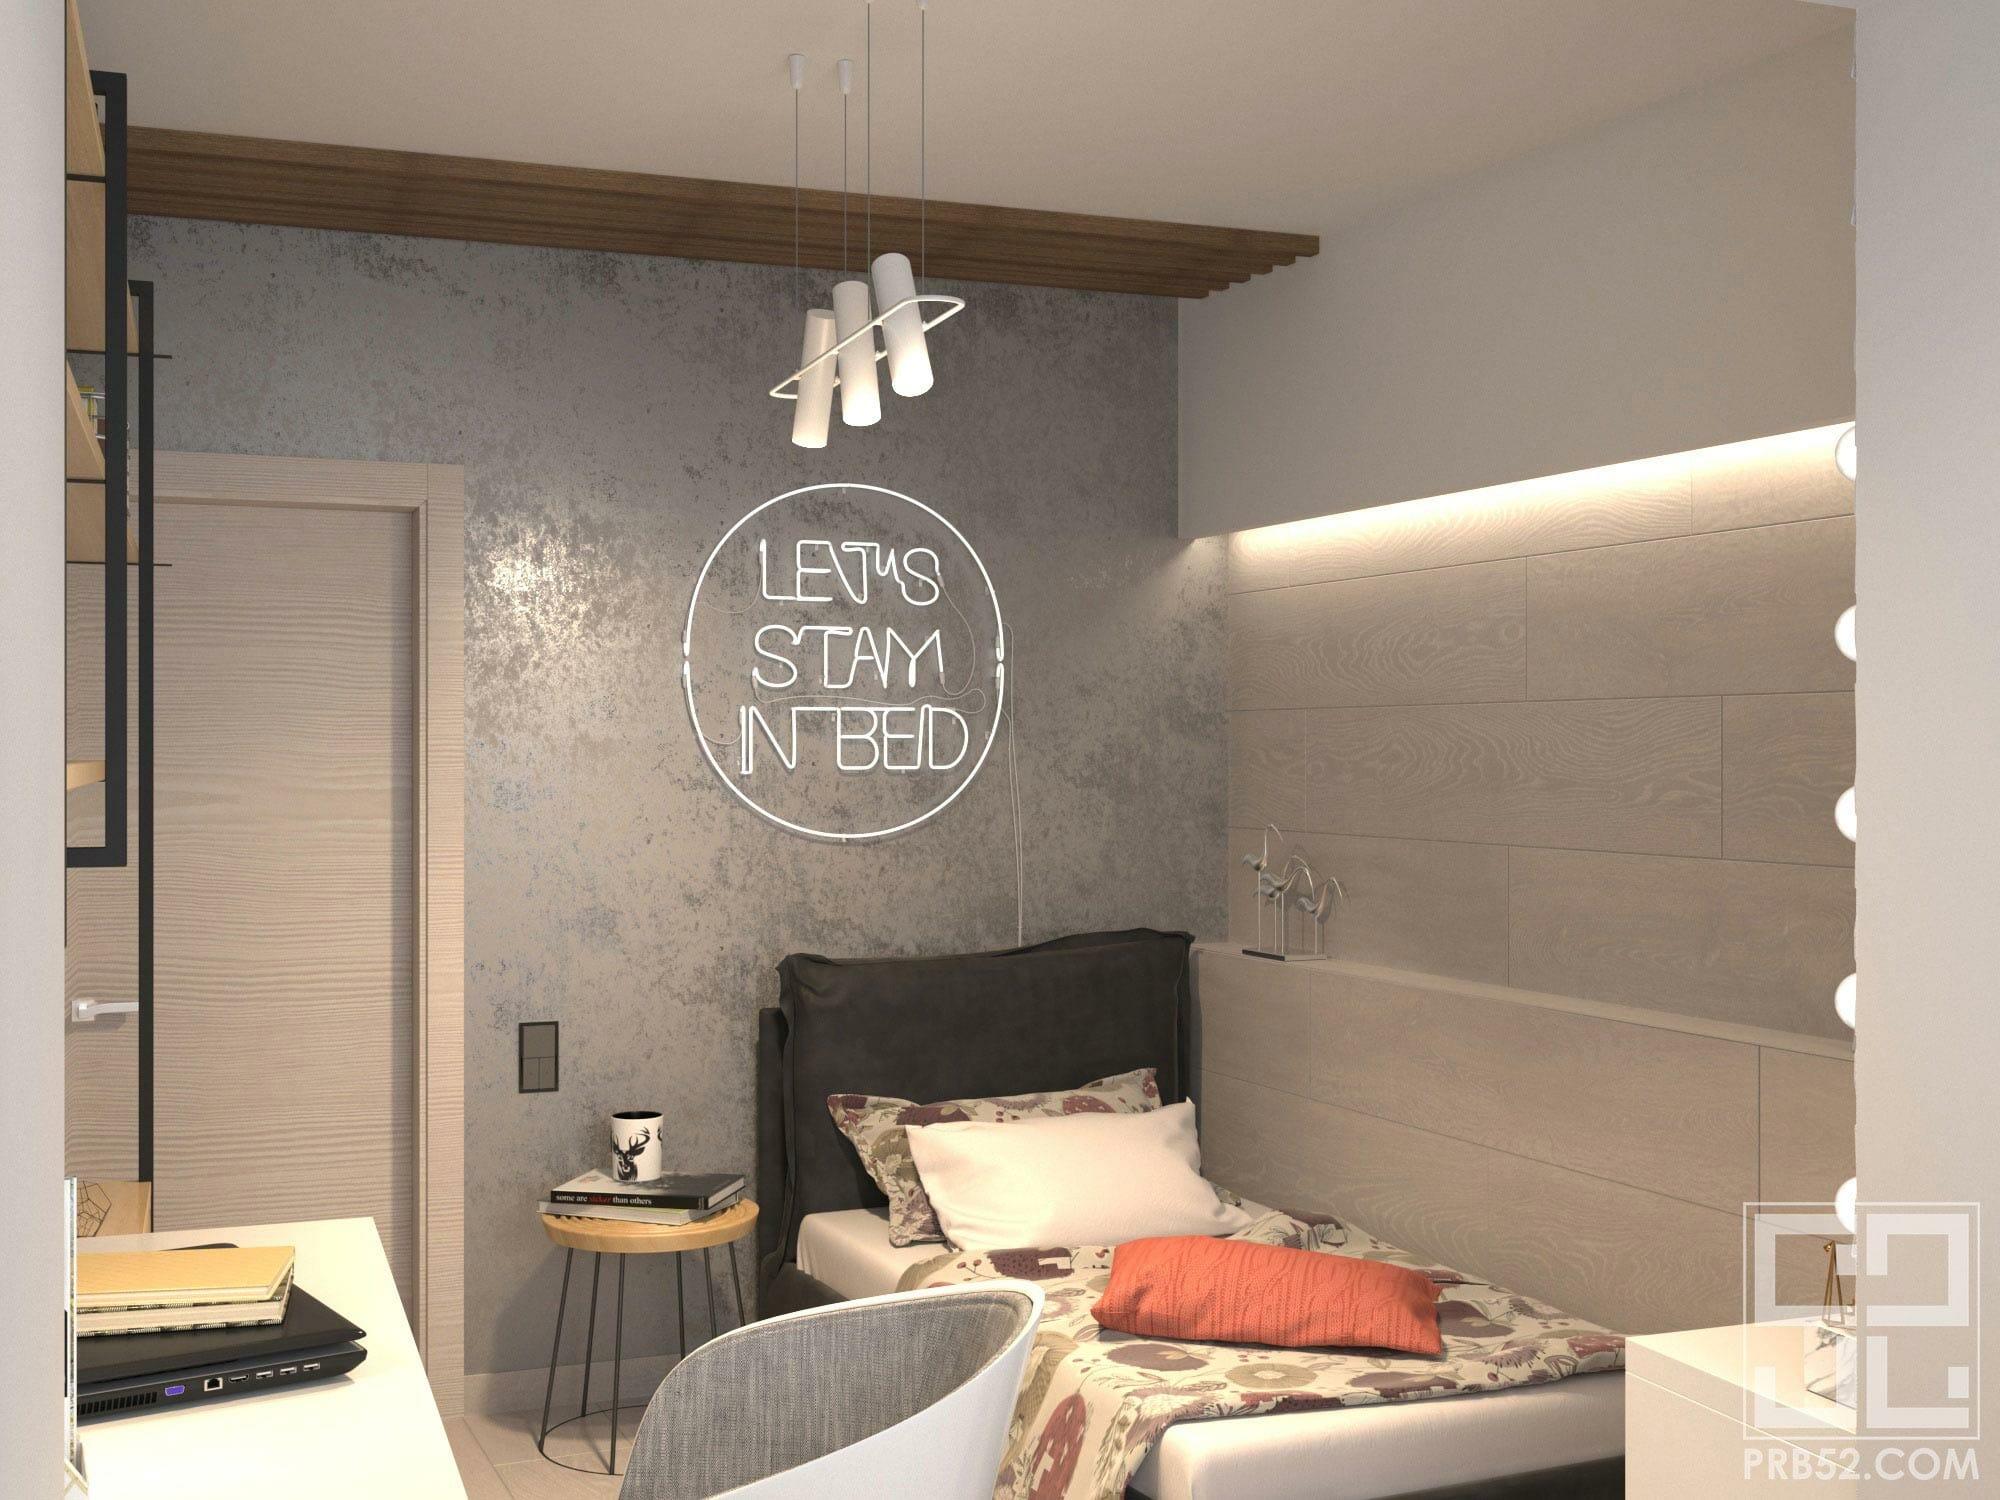 дизайн интерьера детской комнаты подростка в стиле лофт